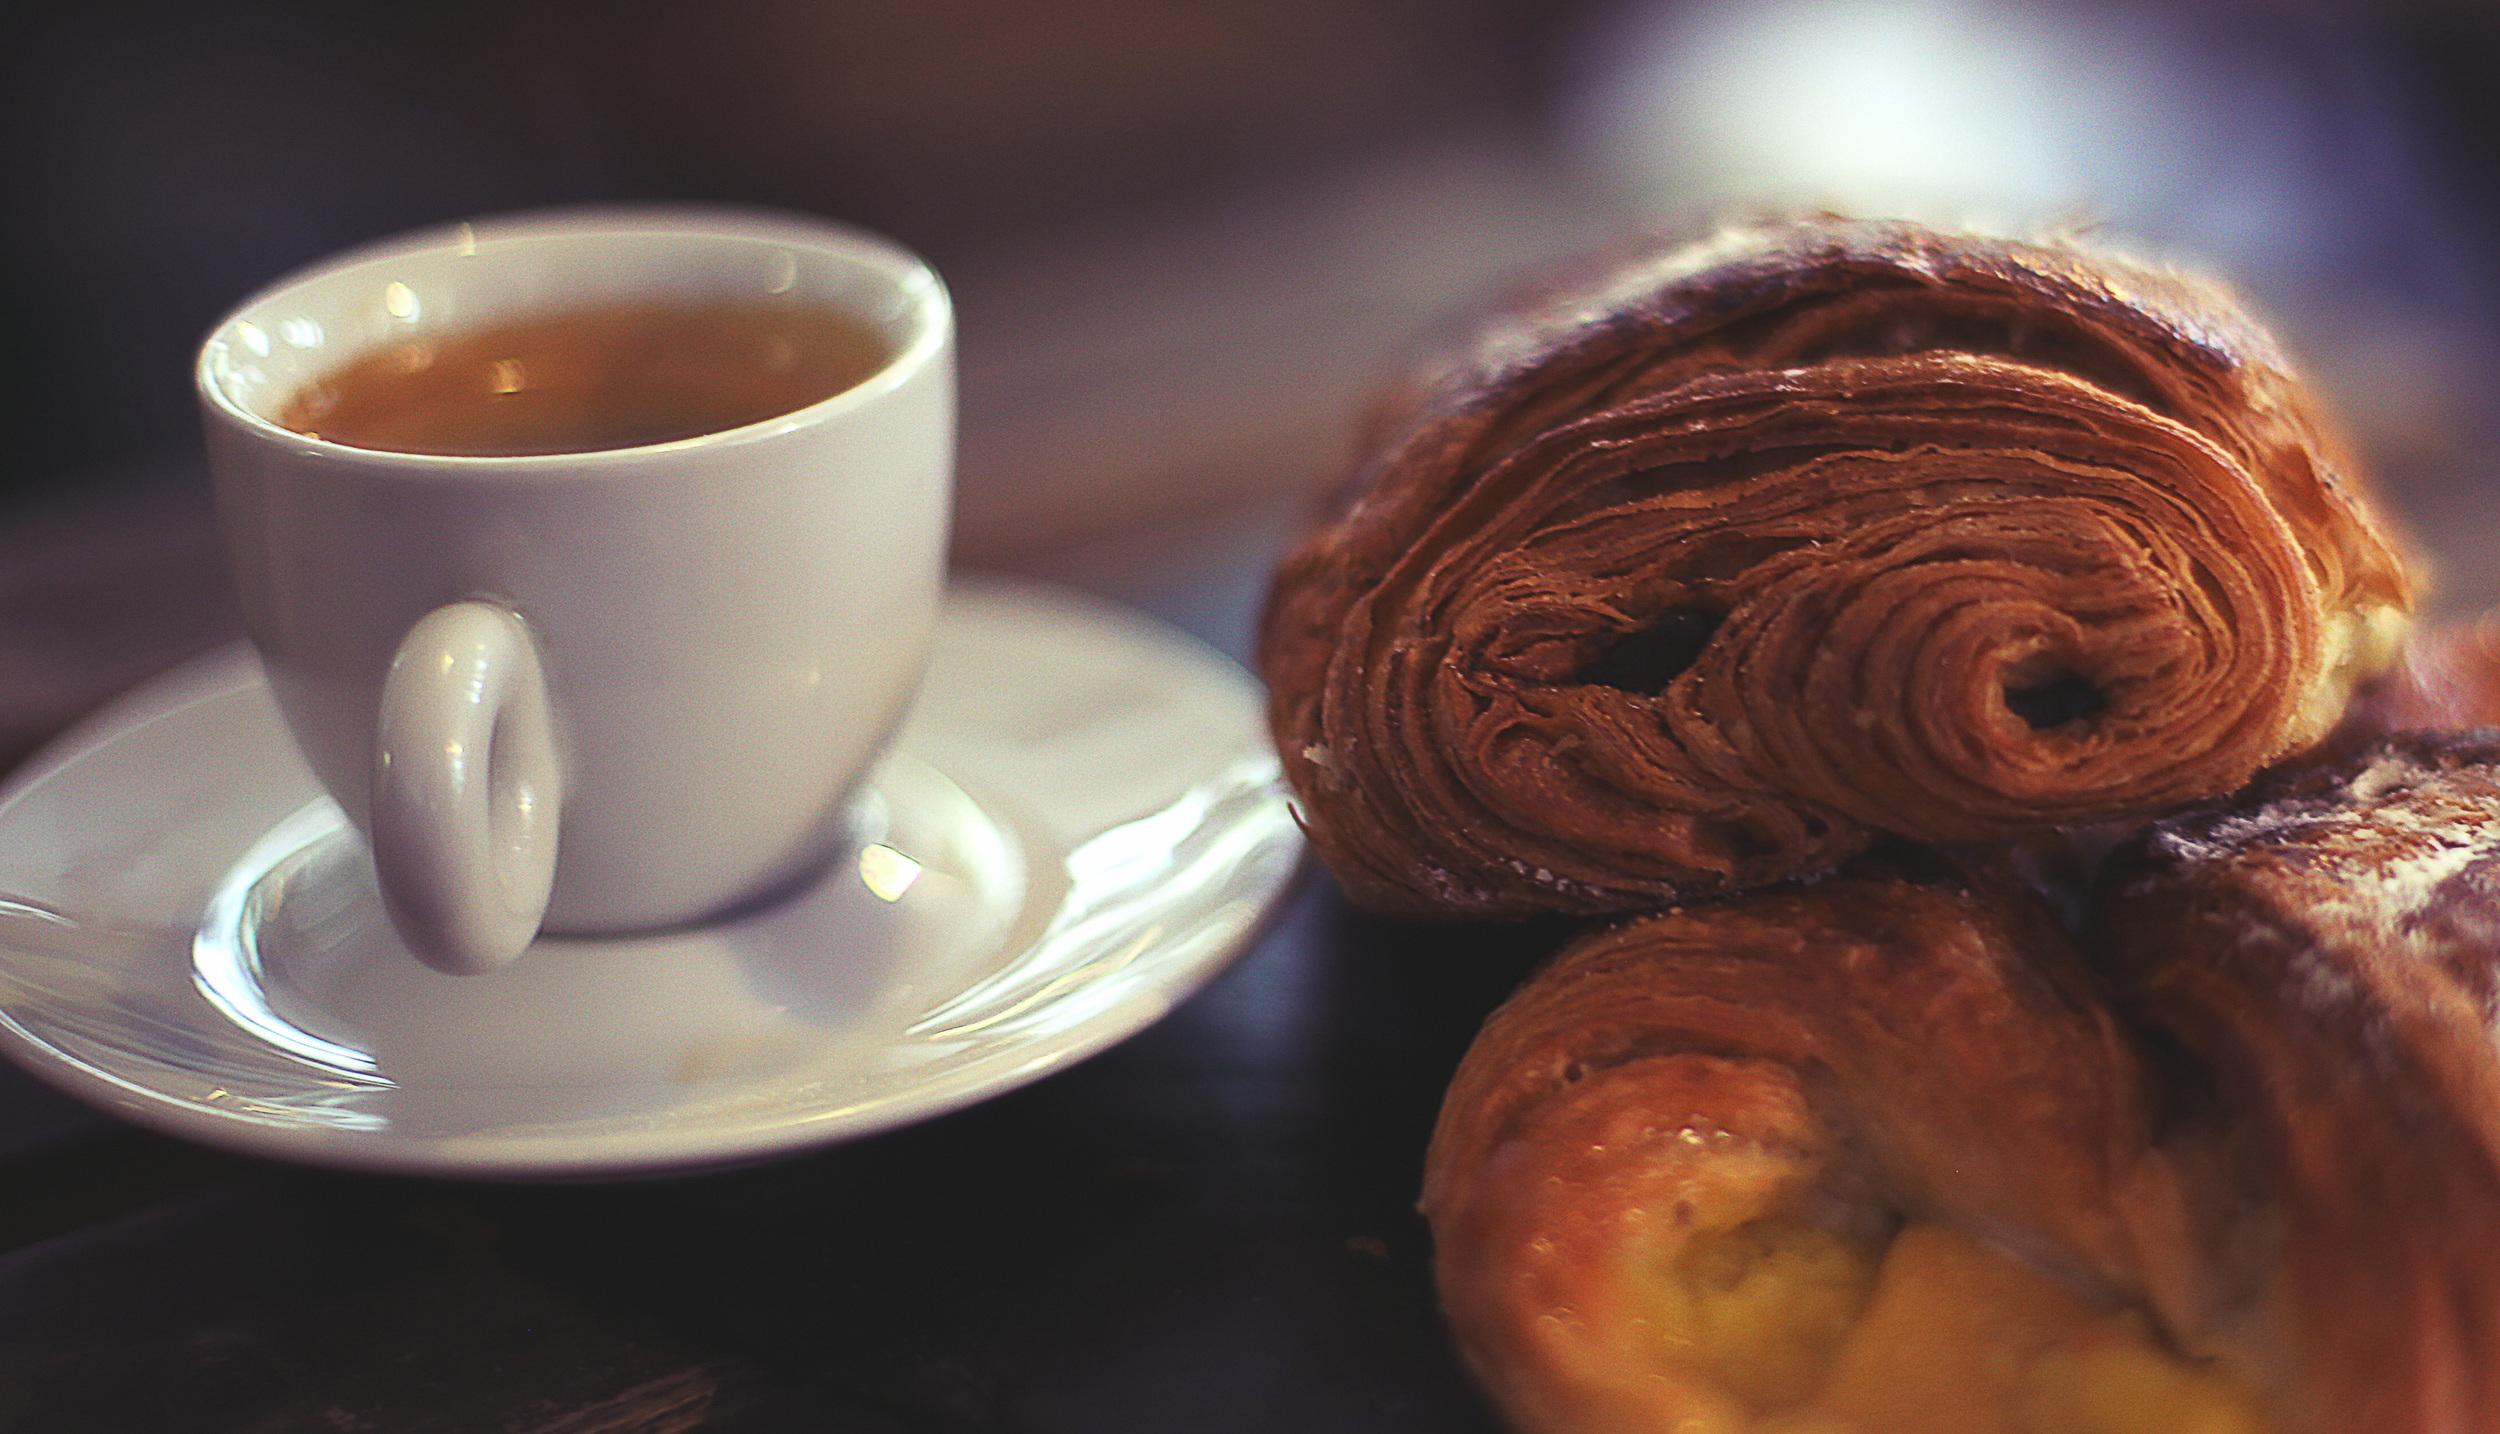 Arabica/Fair Trade Coffee & Pastries